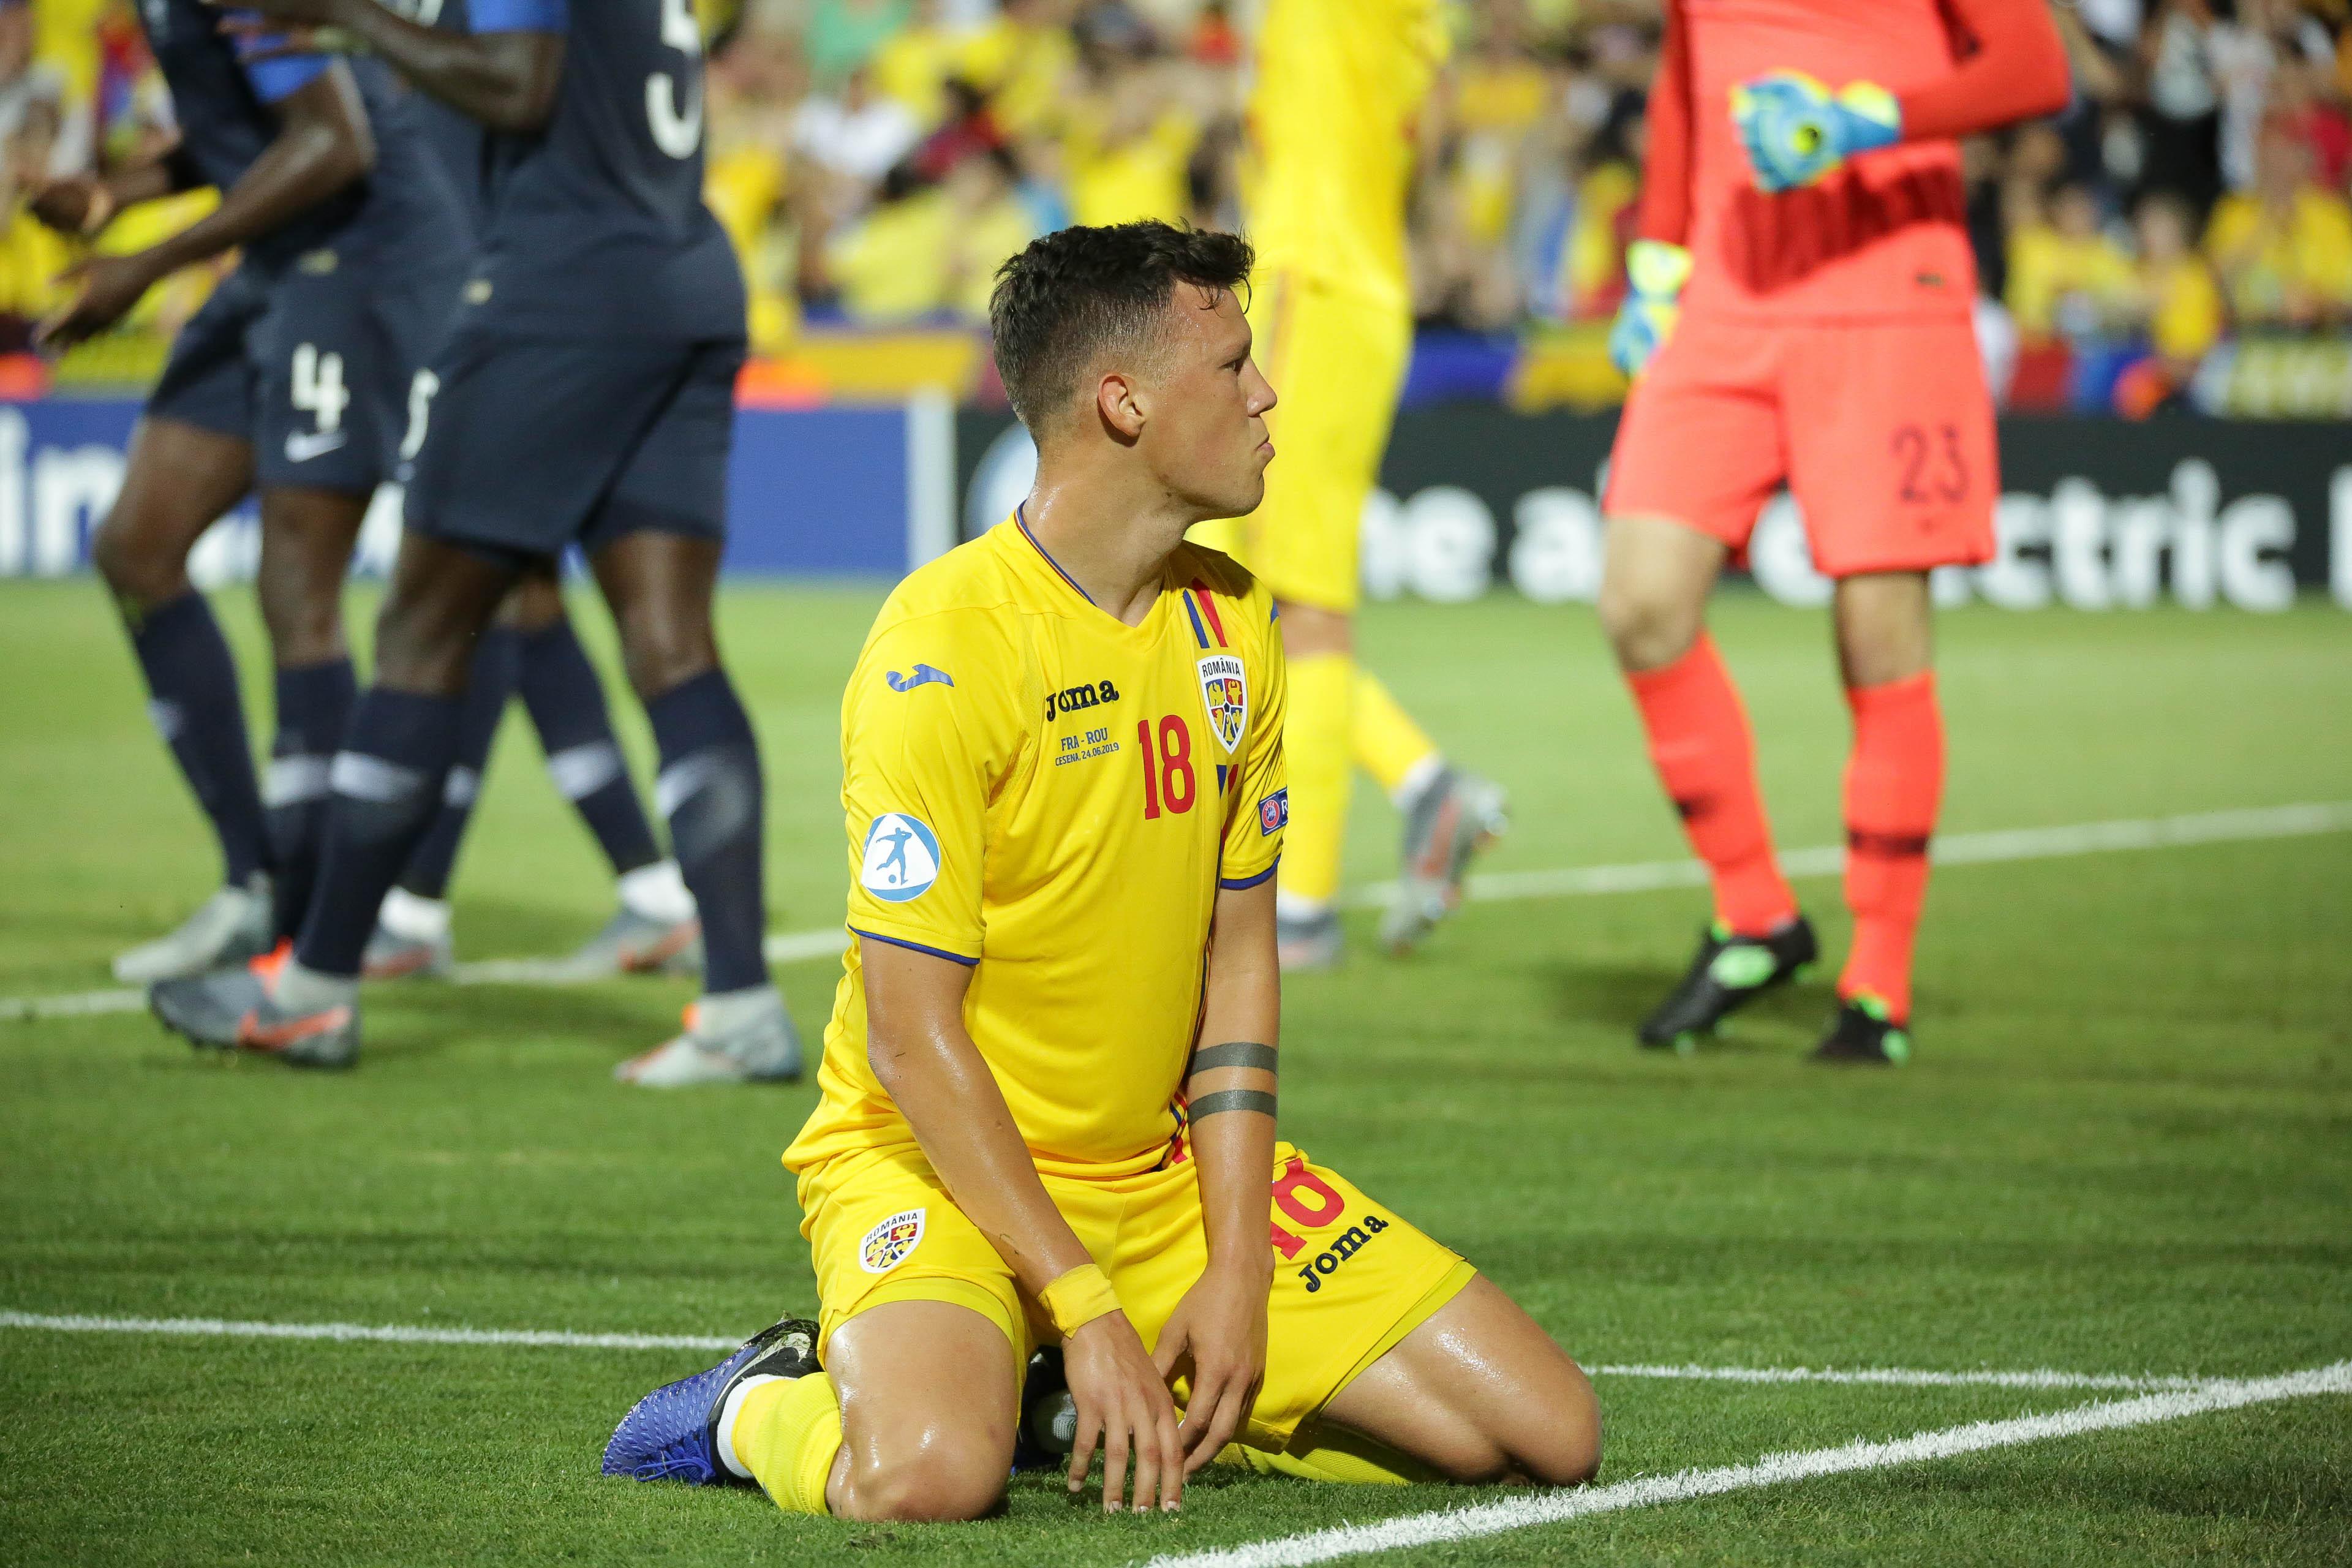 Adrian Rus într-un meci jucat de echipa națională a României U21 la EURO 2019. Sursă foto: sportpictures.eu